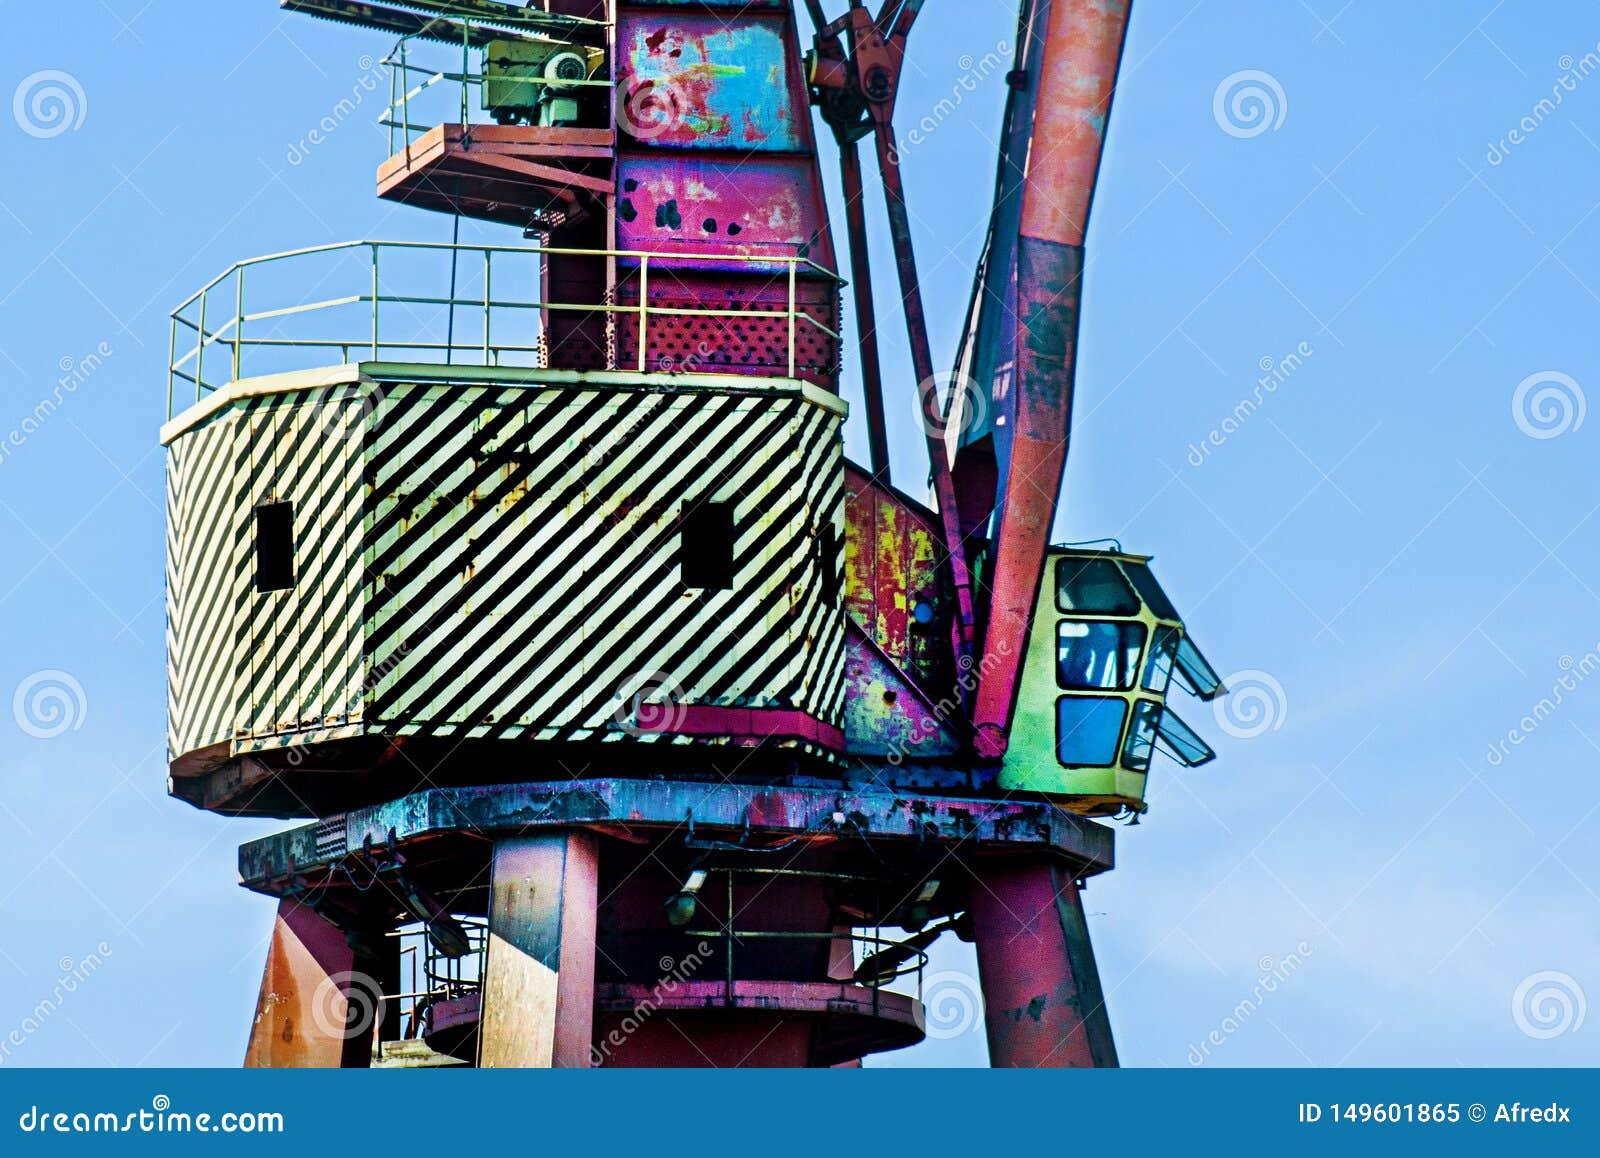 Crane in the shipyard